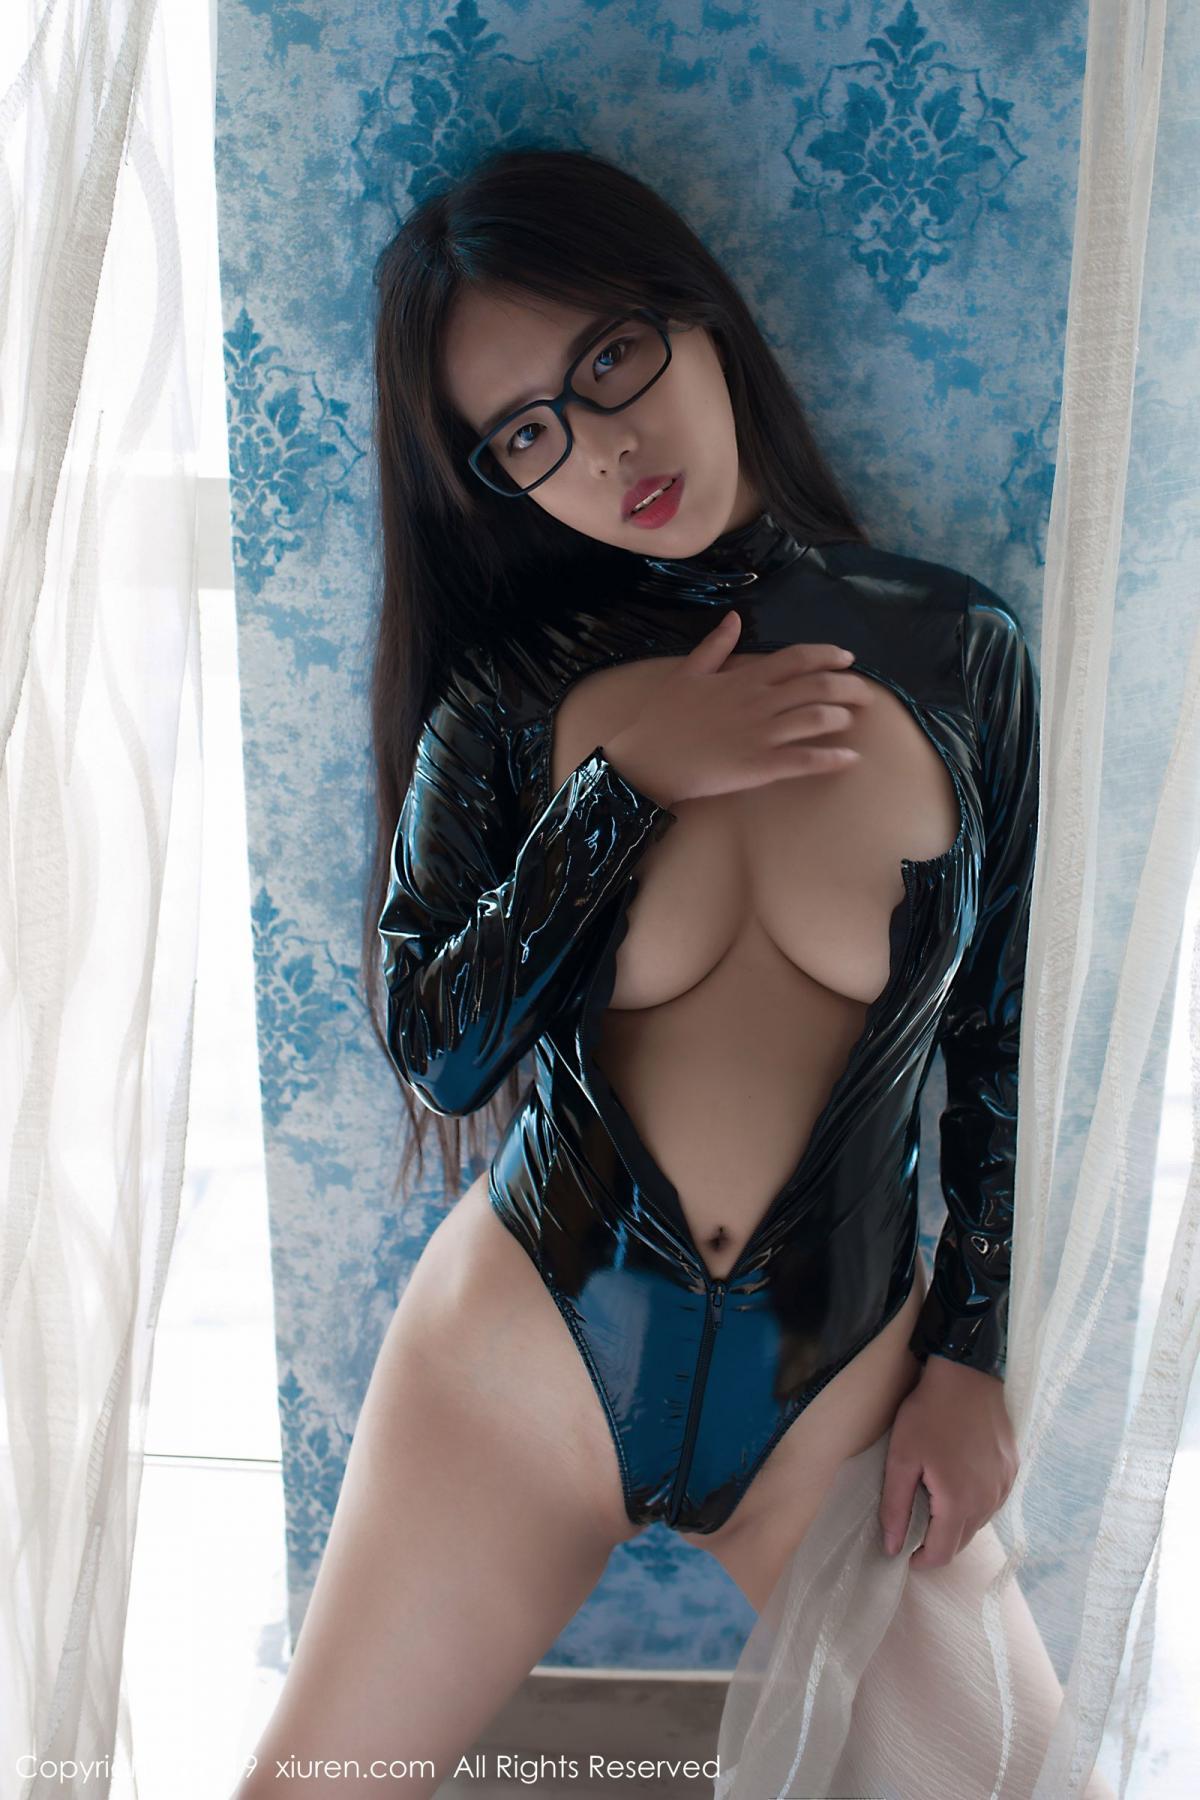 [XiuRen] Vol.1796 Xiao Xing Yun Ly 22P, Bikini, Suntan Skin, Xiao Xing Yun, Xiuren